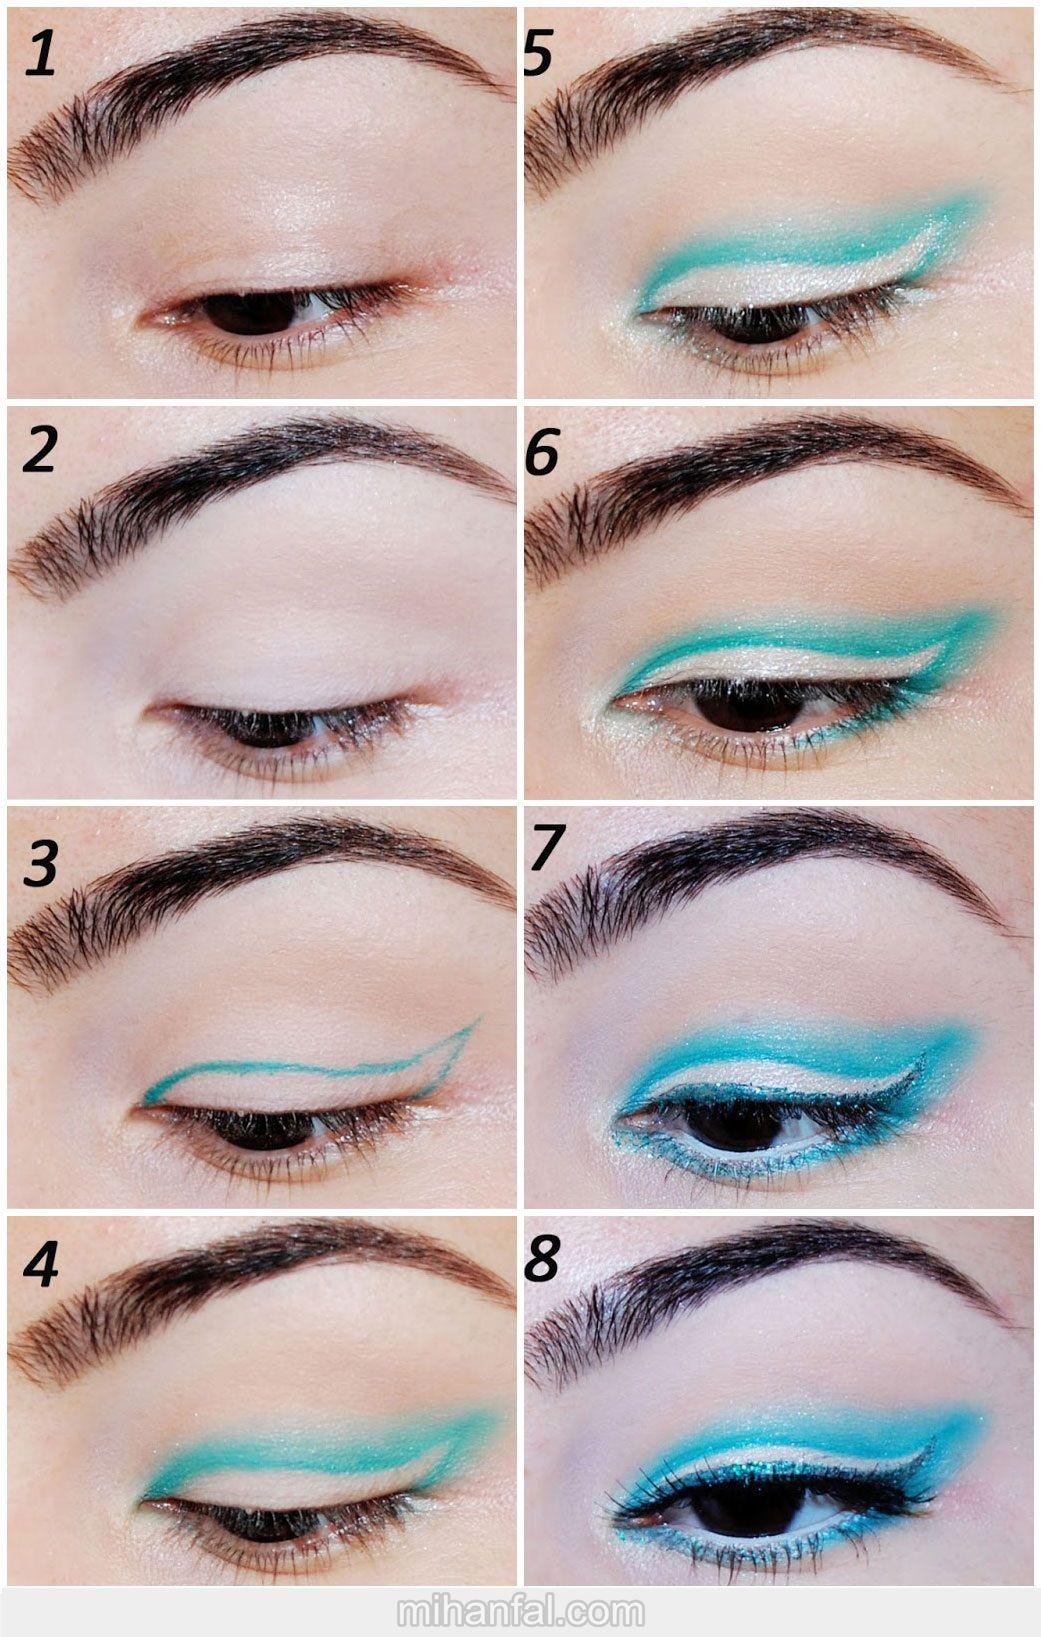 آموزش تصویری آرایش چشم آبی فانتزی